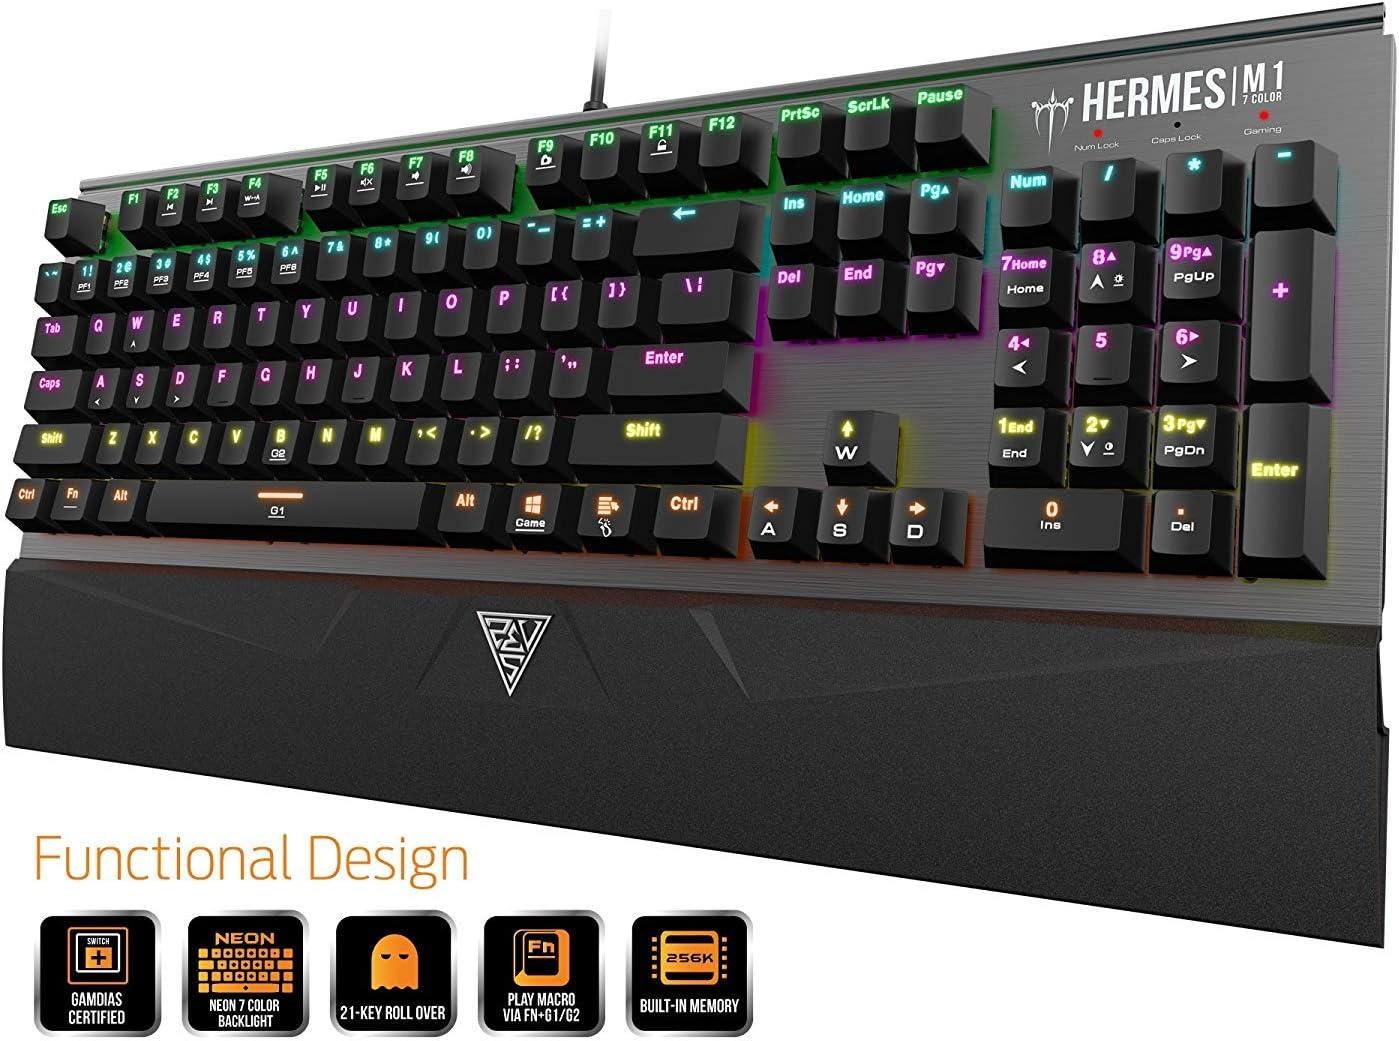 GAMDIAS Hermes M1 - Teclado mecánico USB para Gaming 104, Color marrón, antighosting Keyboard retroiluminado, 7 Colores RGB, diseño británico